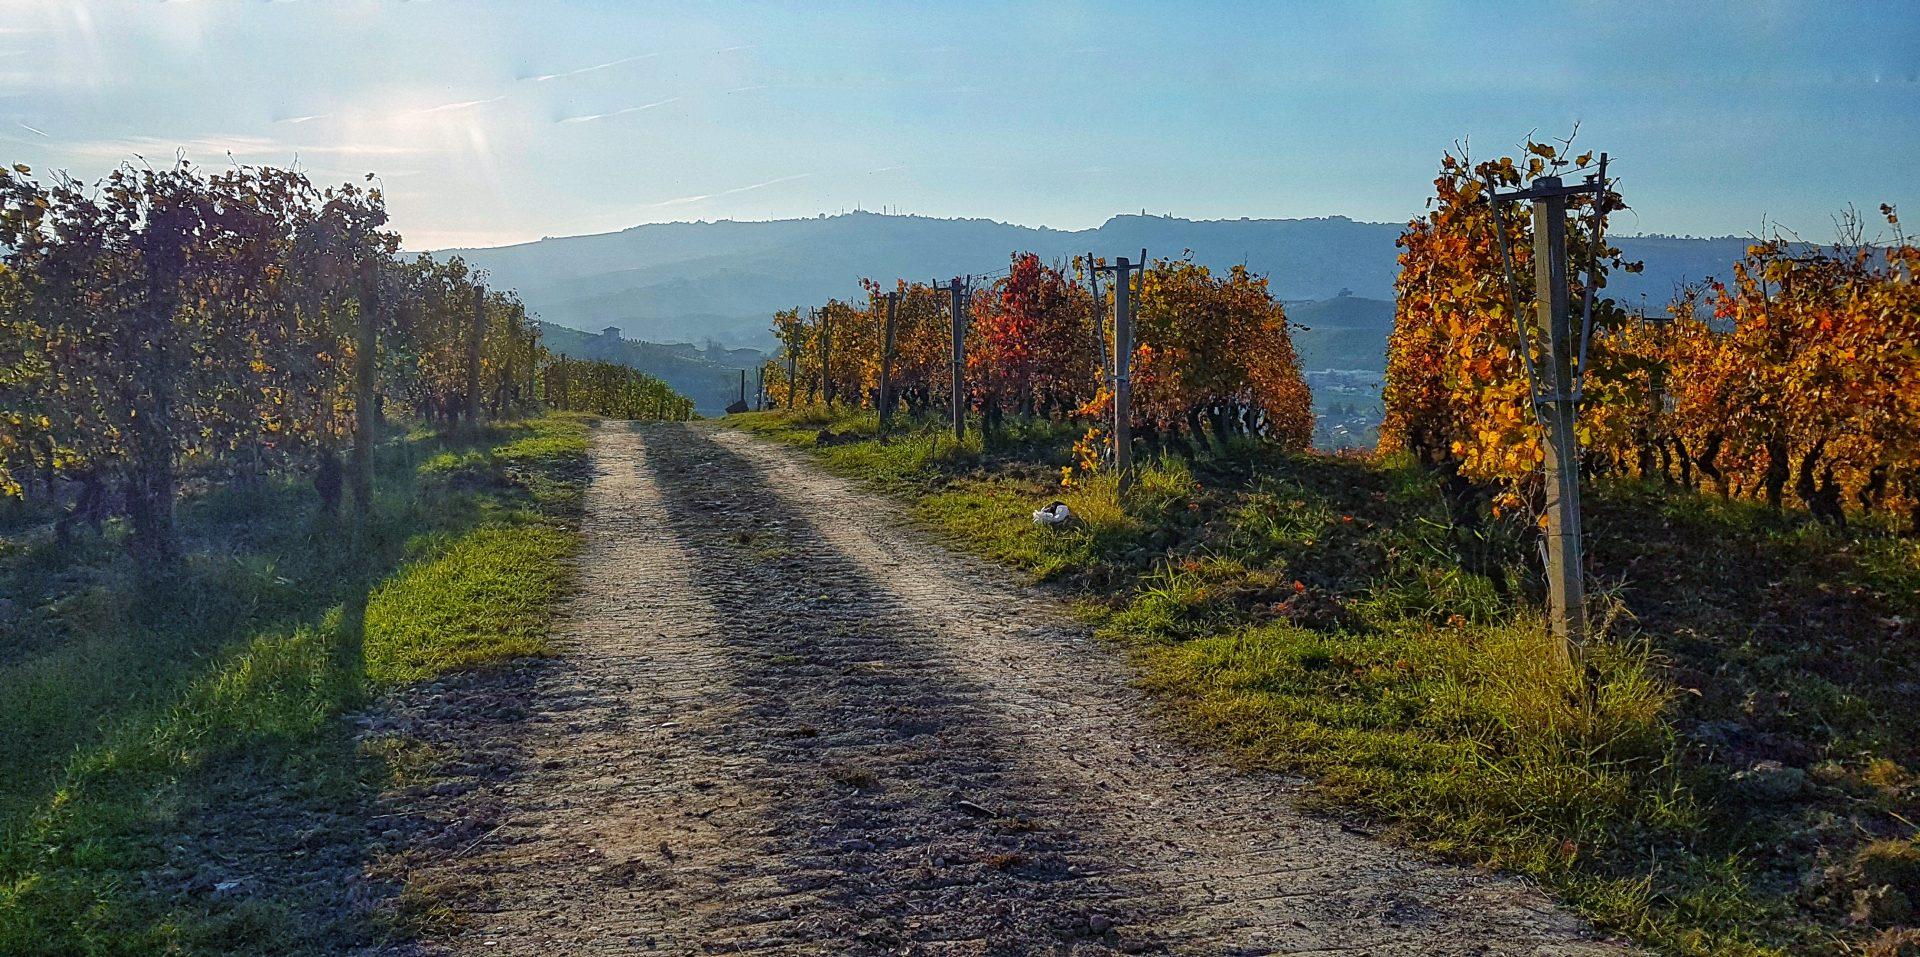 @ministryfab's cover photo for 'Nelle Langhe in mountain bike: due giorni tra vigneti e borghi antichi'